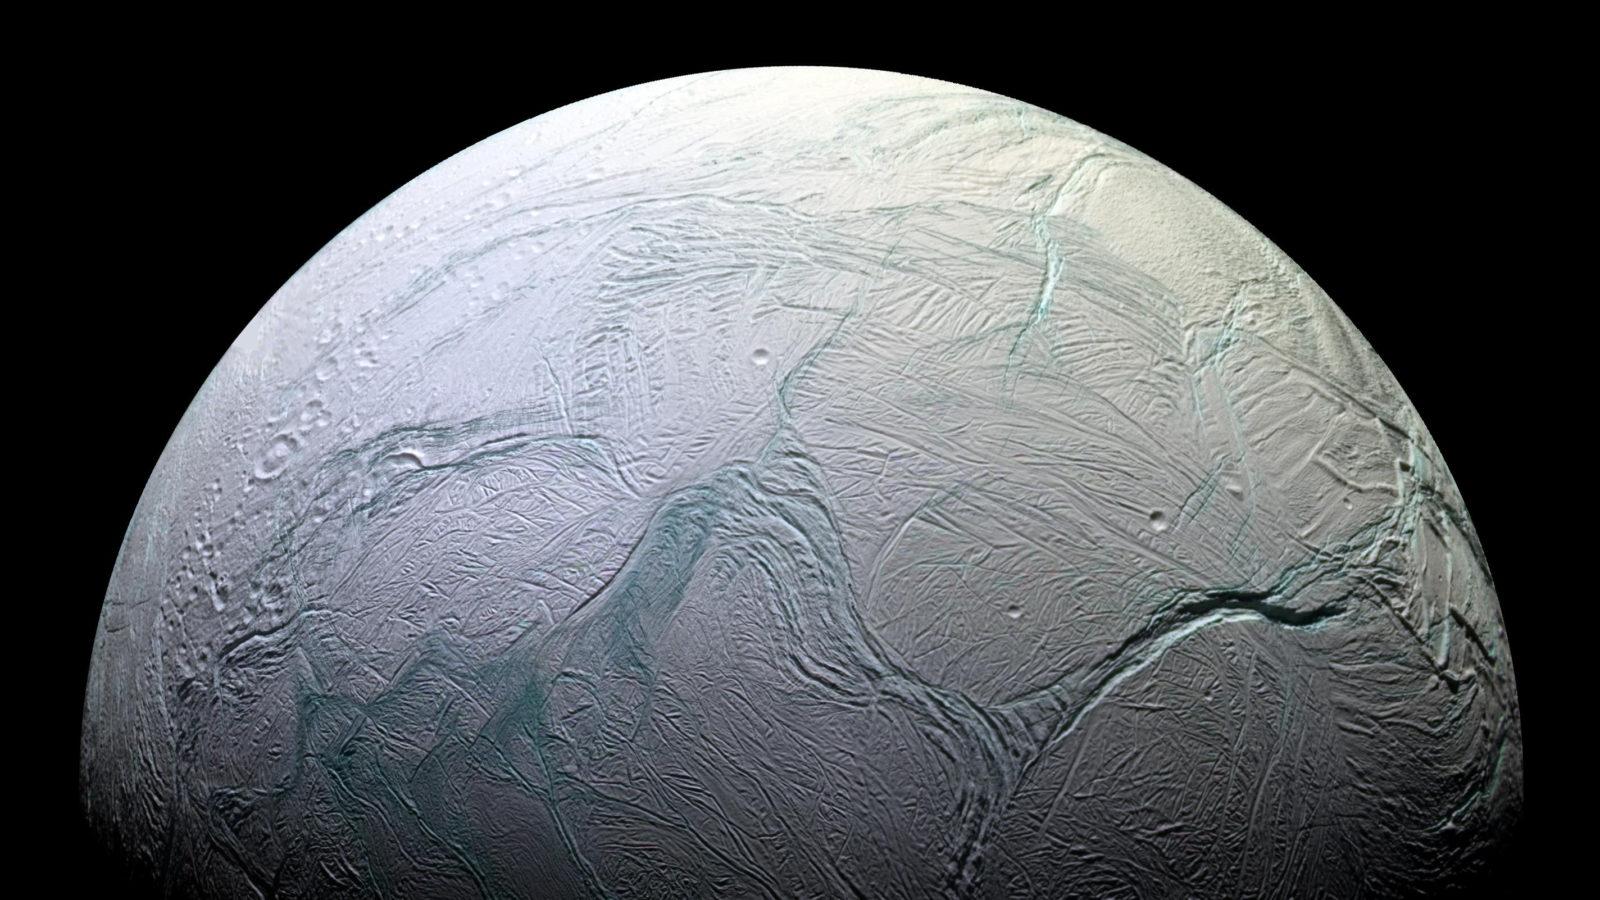 A lua Encélado, de Saturno. Crédito: NASA